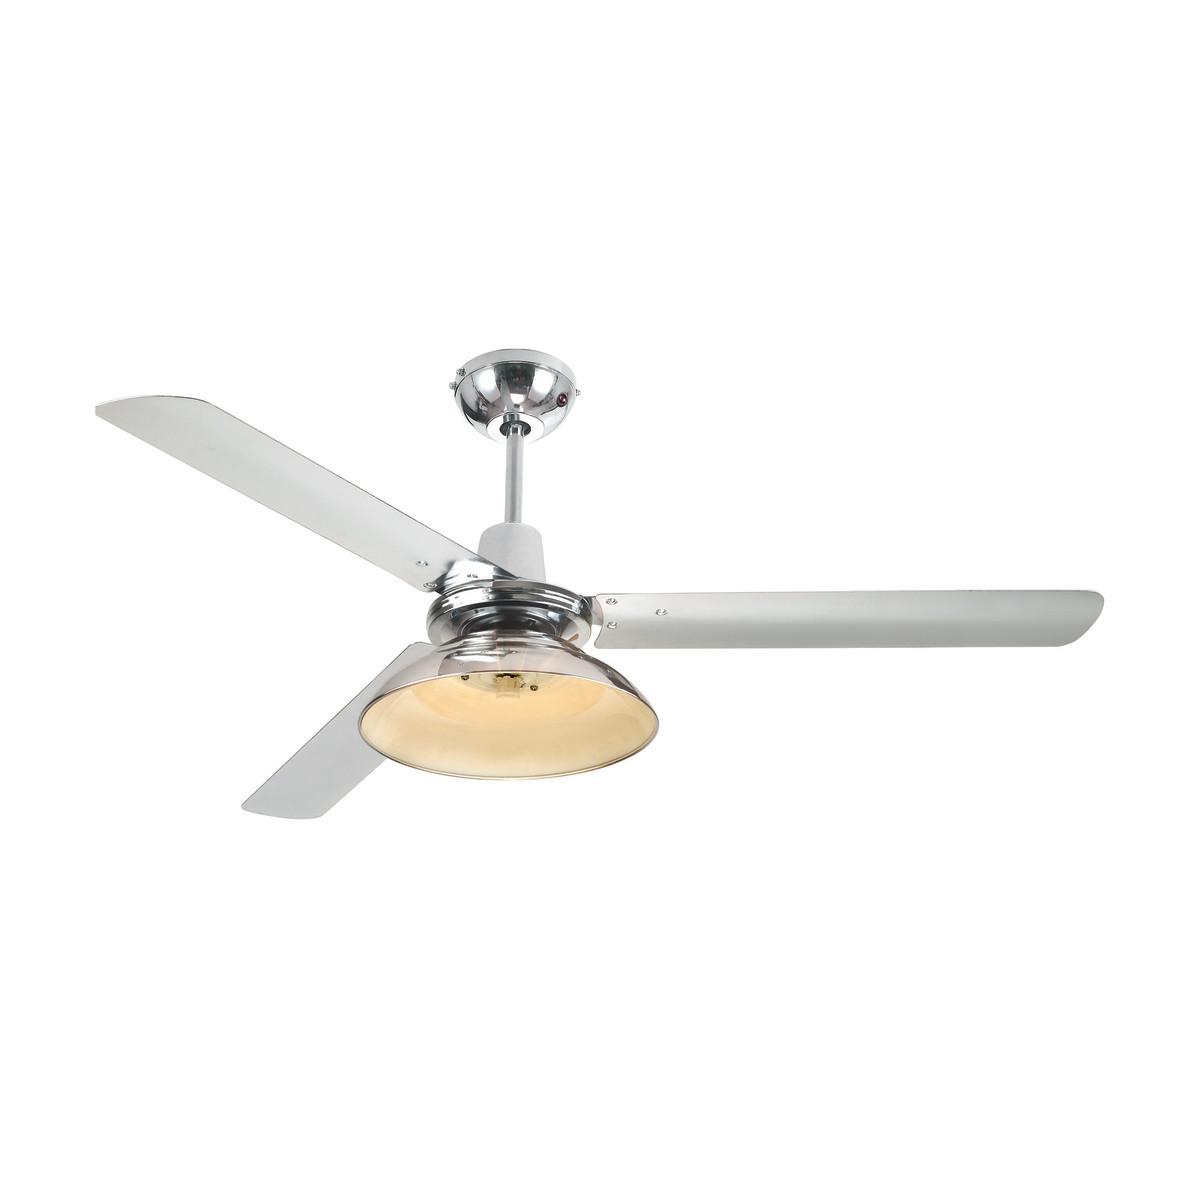 Leroy merlin ventilatori da soffitto con luce for Lampadario a pale brico